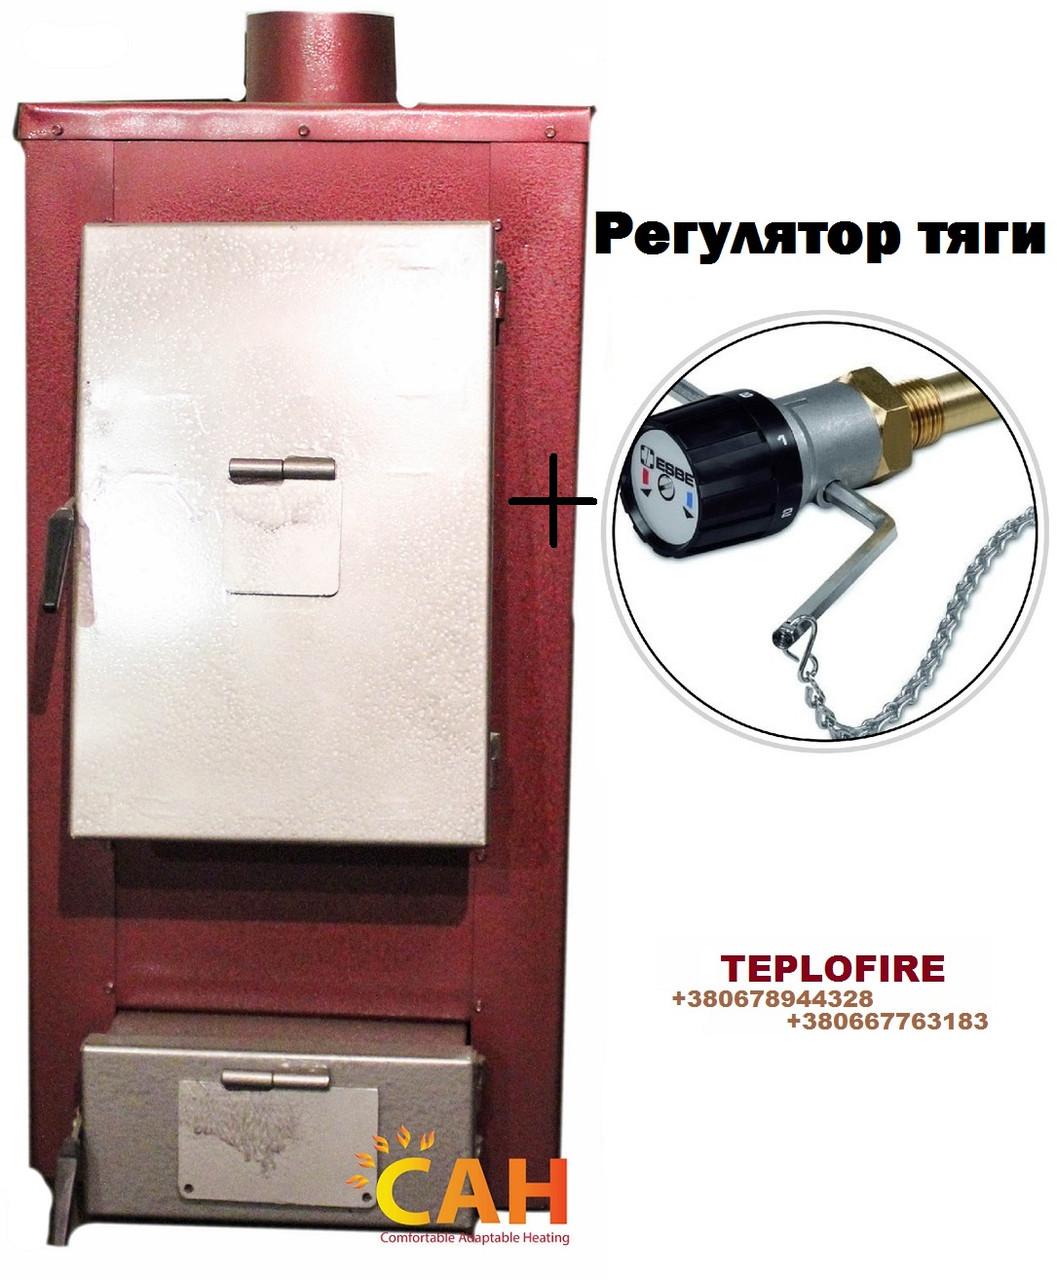 Котел из стали на твердом топливе с механическим регулятором тяги САН Термо 27 кВт (SUN Termo)